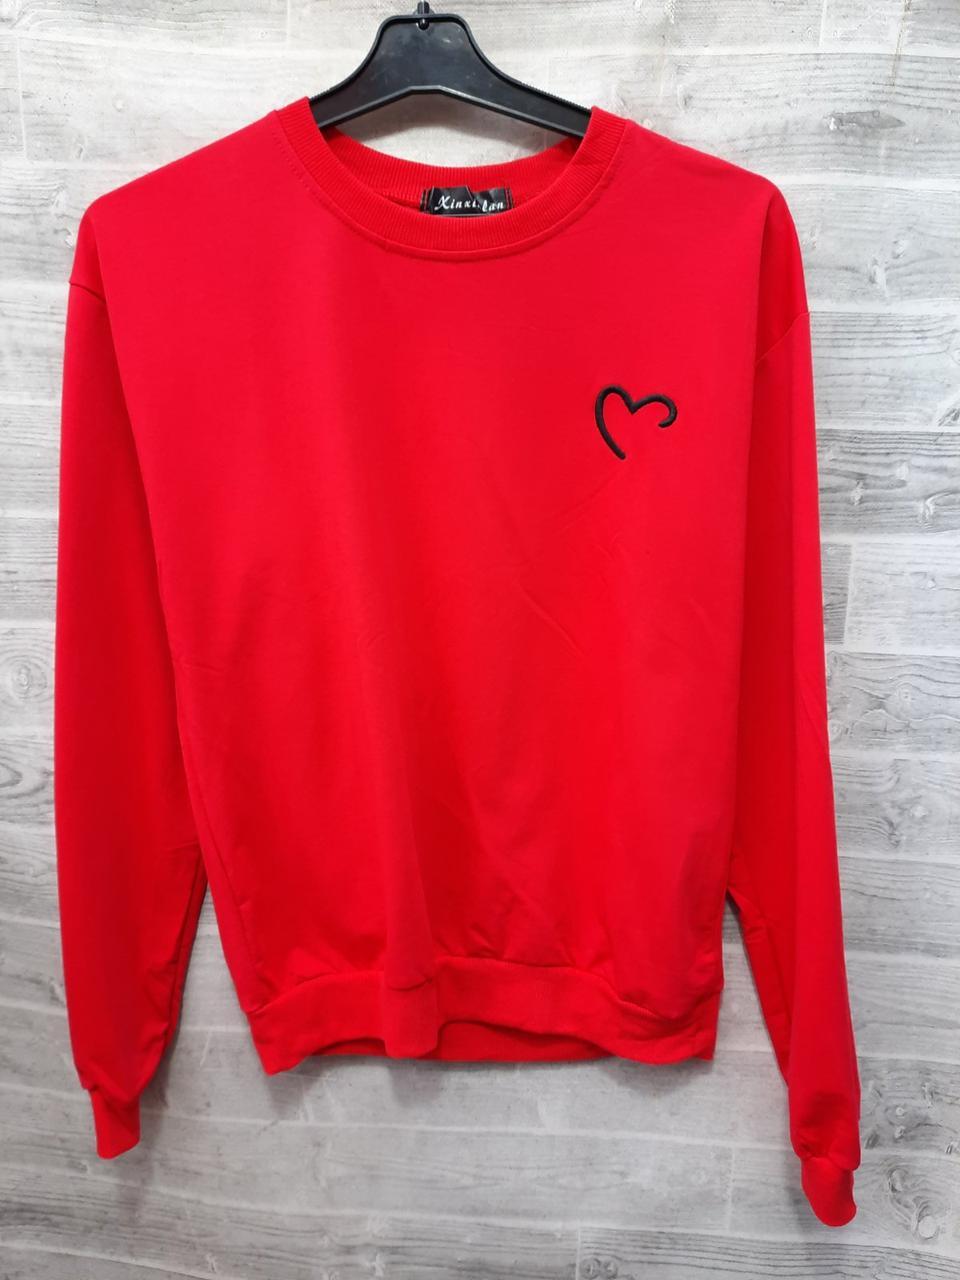 Жіночий пуловер з сердечком на грудях 44-46 (в кольорах)